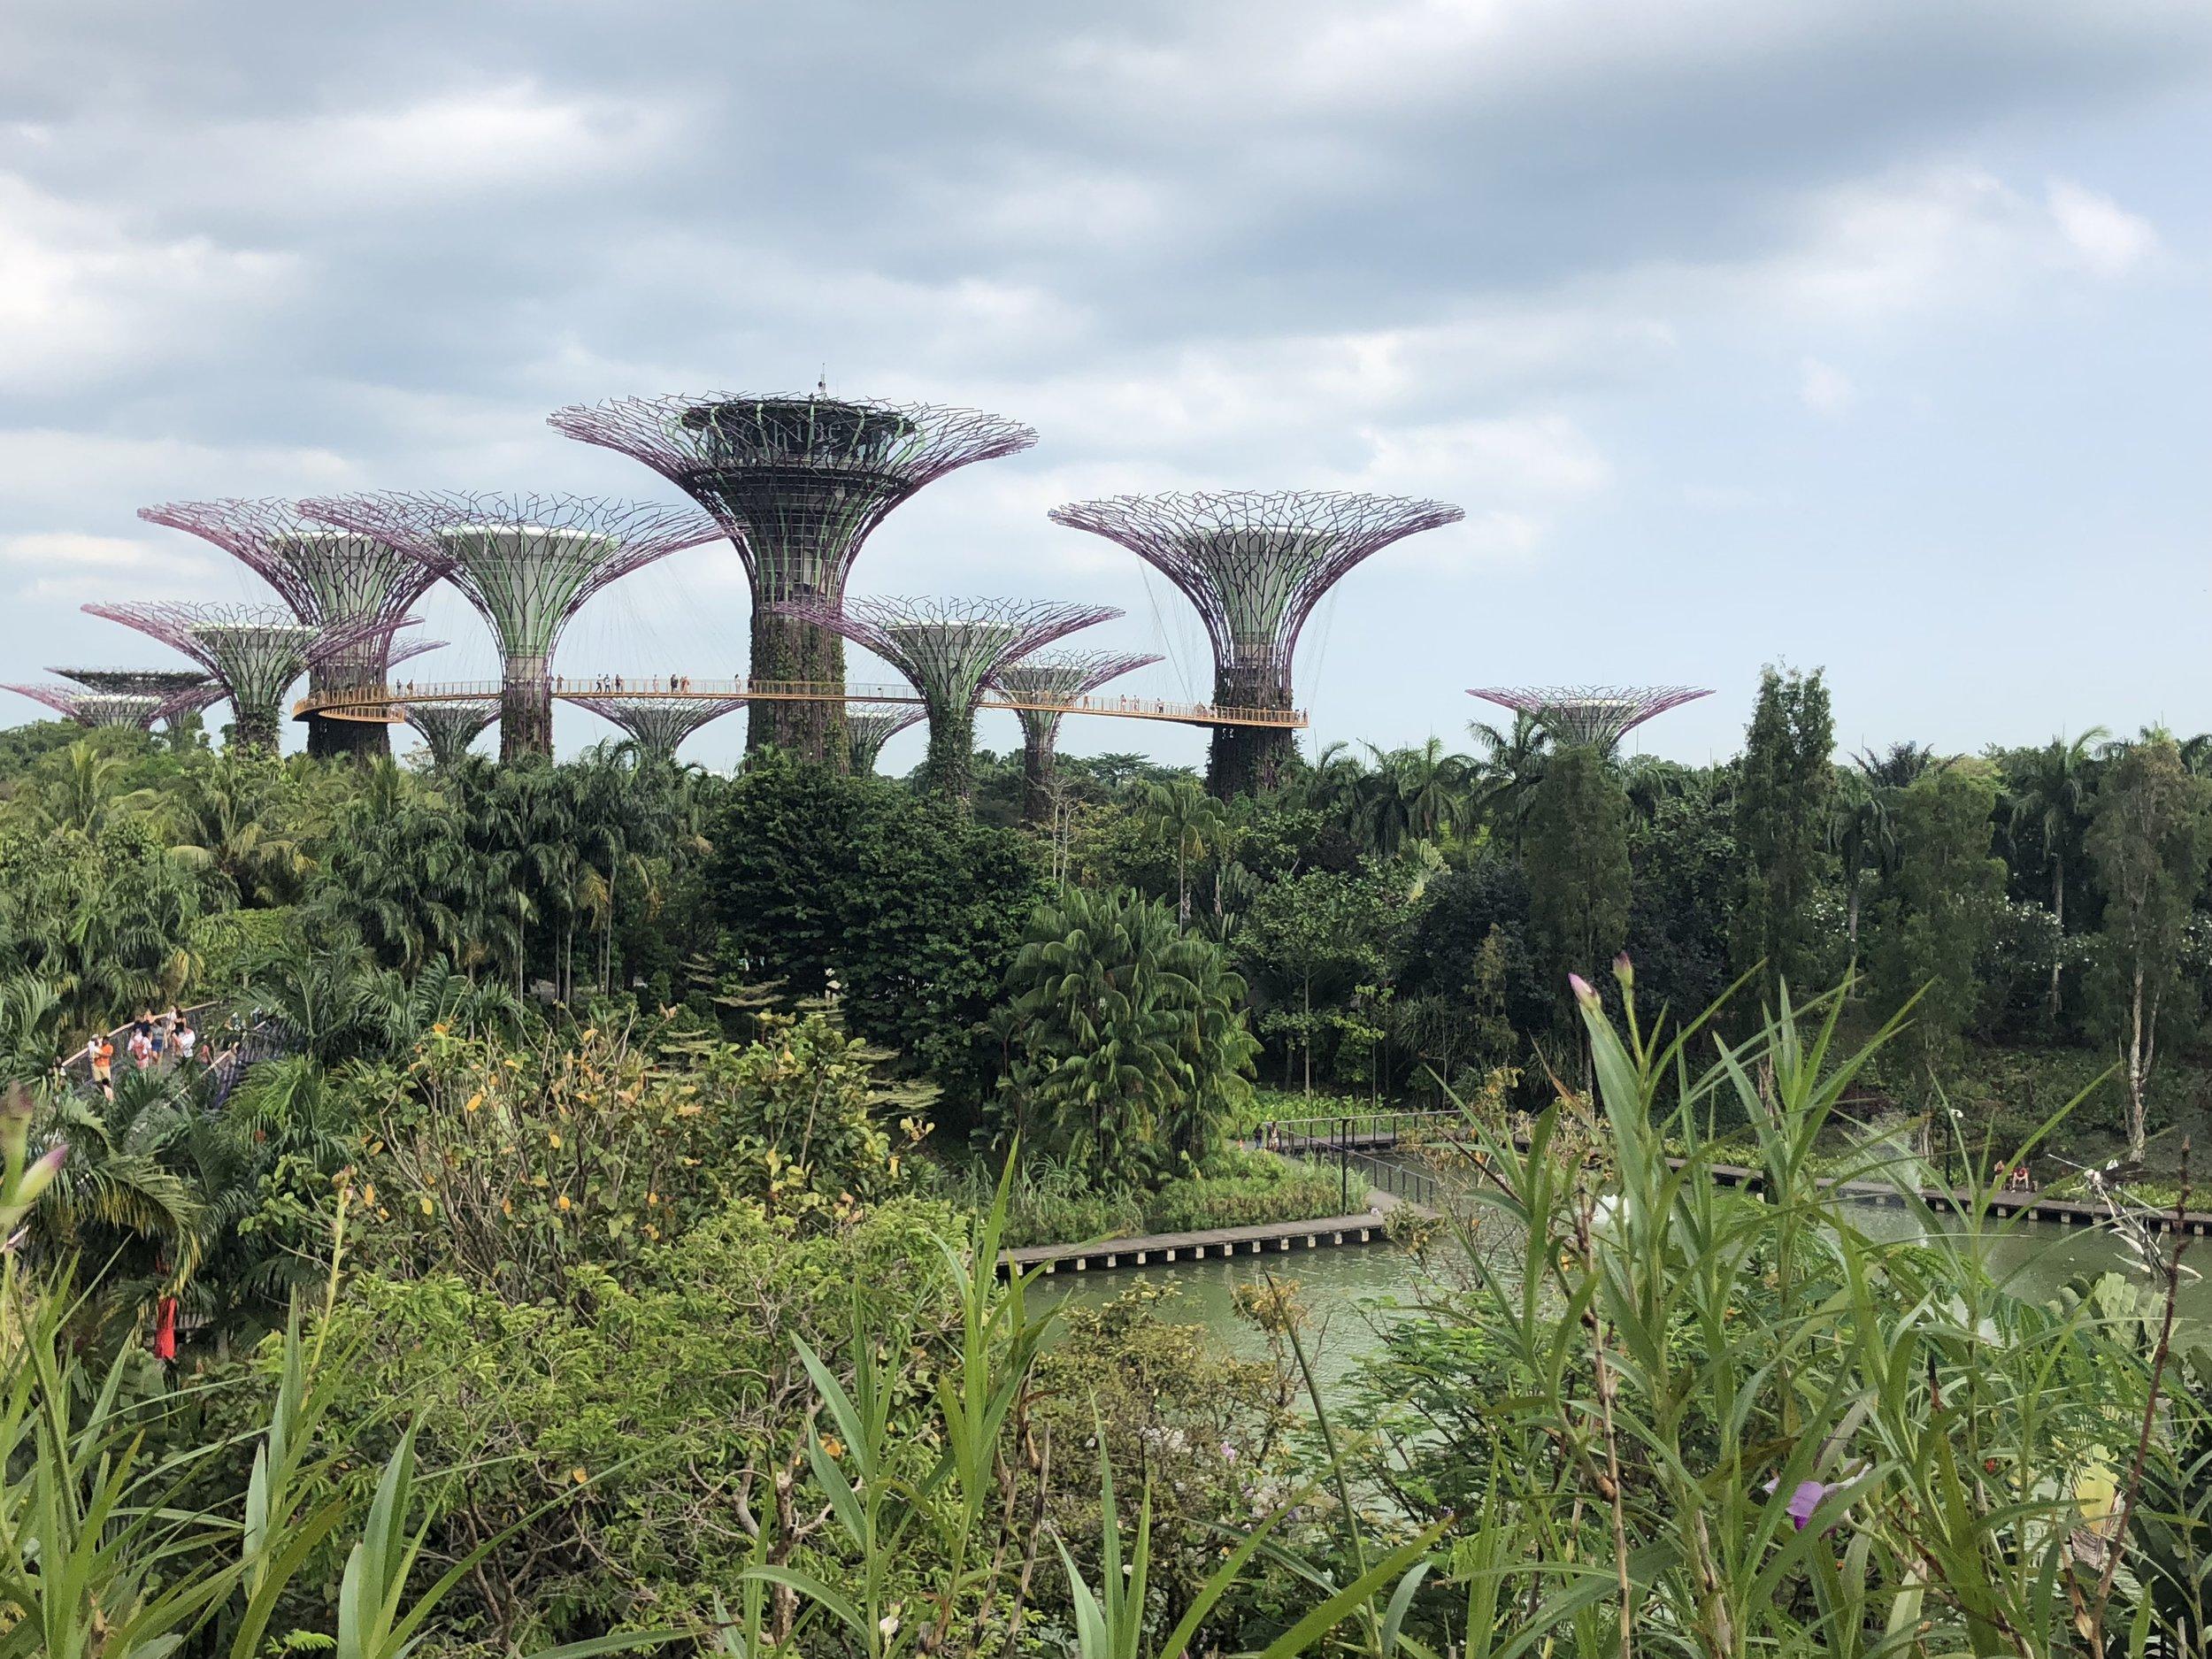 ¡Gardens By the Bay! Una vista muy linda. Me fascina como puede haber un bosque a lado de un centro comercial lujo como Marina Bay Sands.